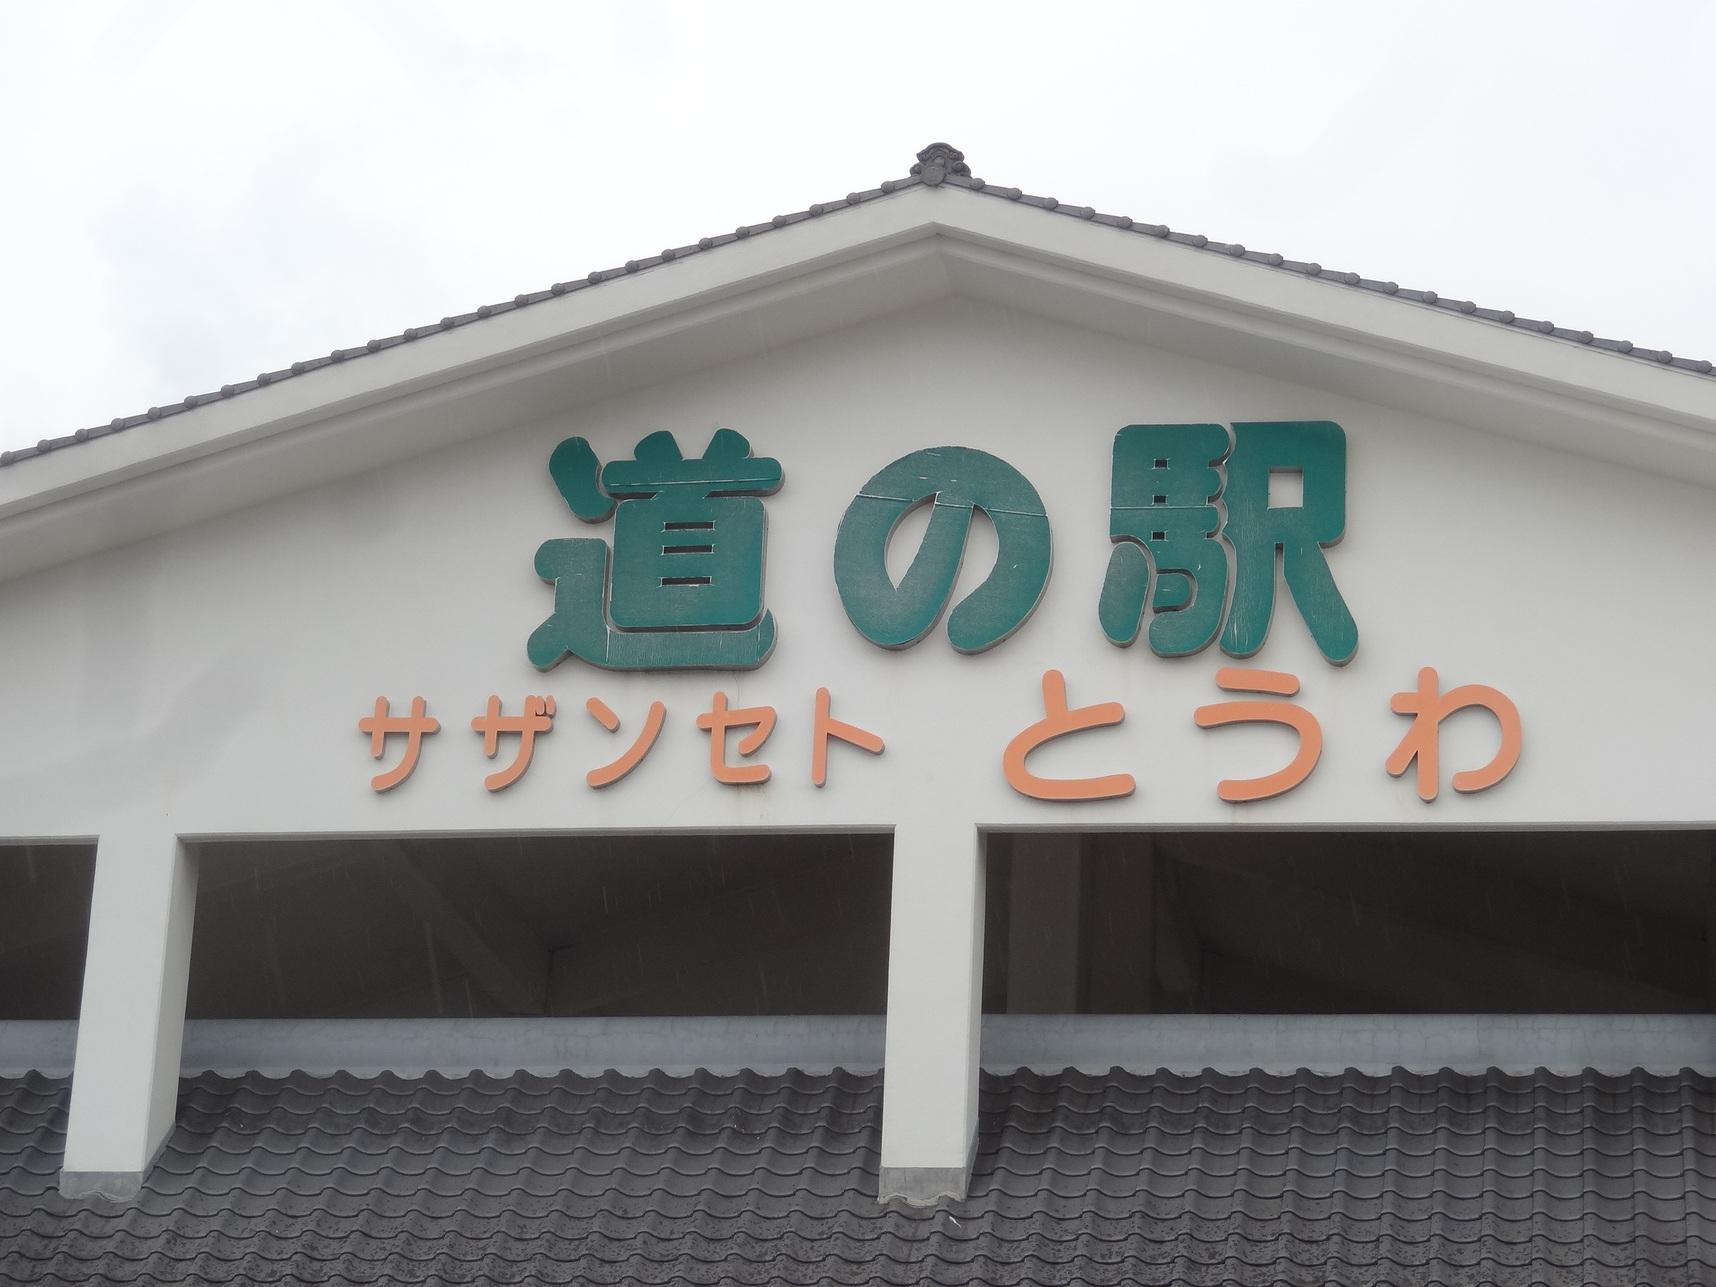 道の駅 サザンセトとうわ 売店